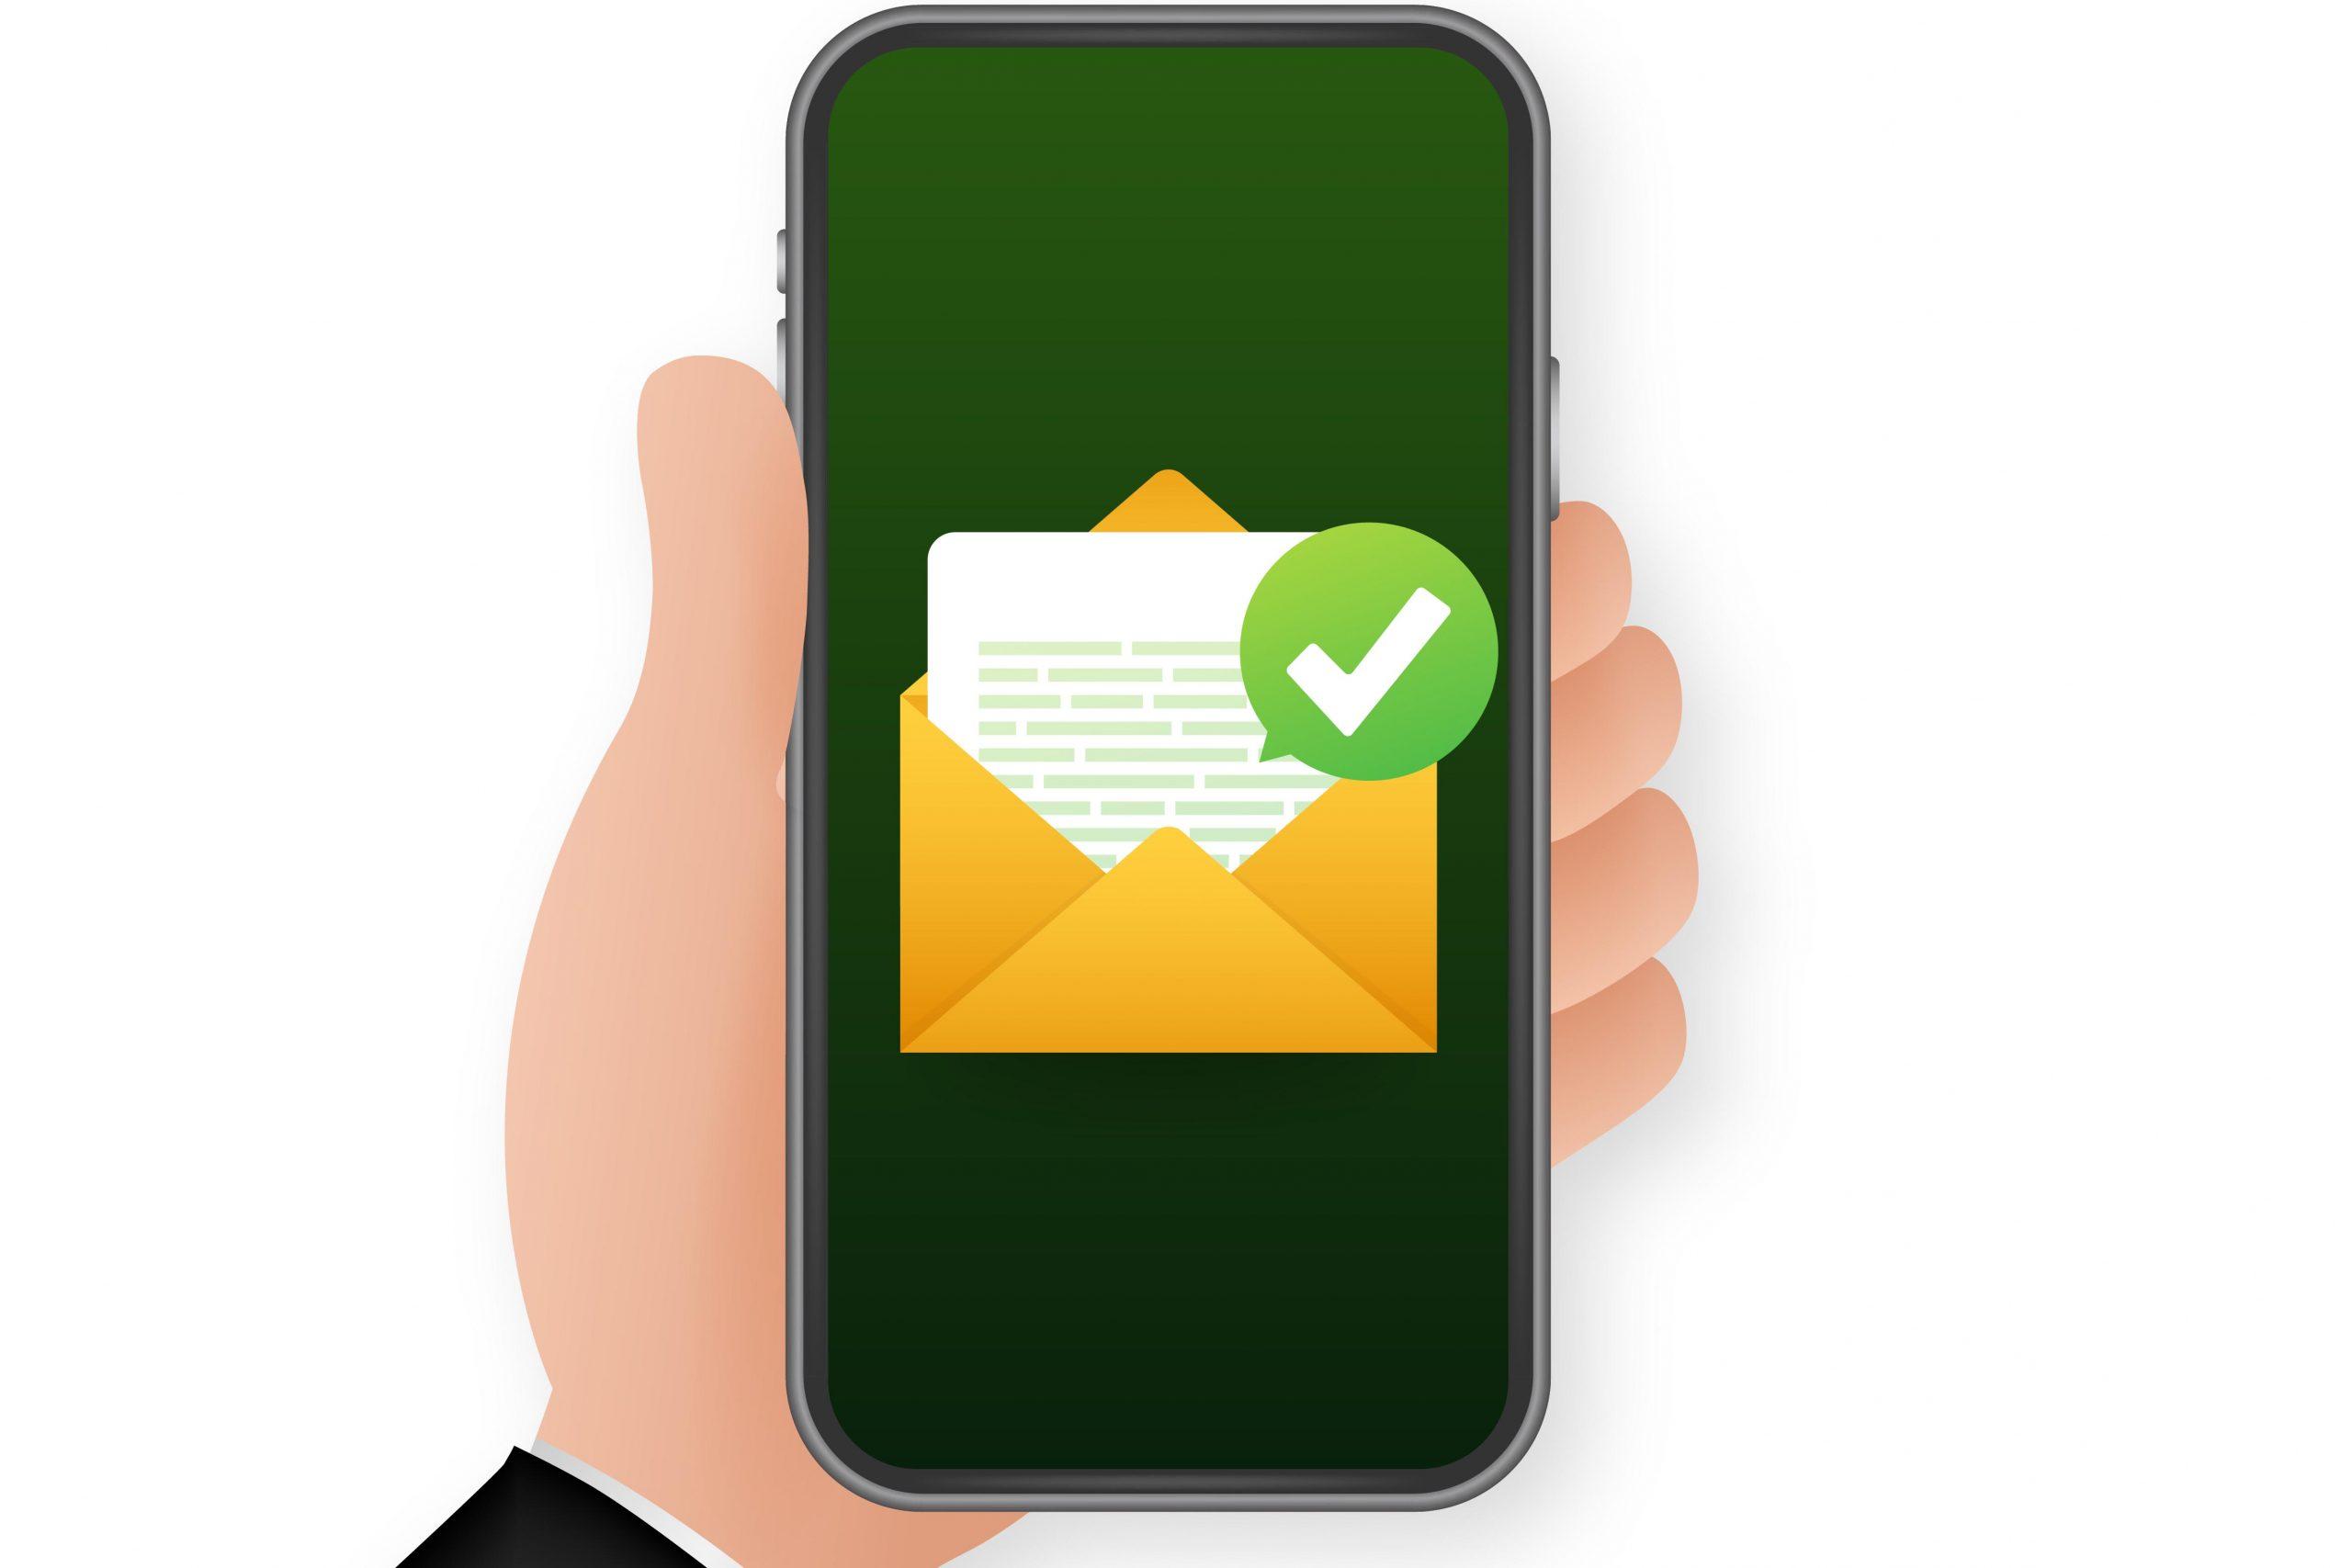 Diretor da Microsoft recomenda que códigos de verificação em duas etapas sejam geradas por app em vez de SMS